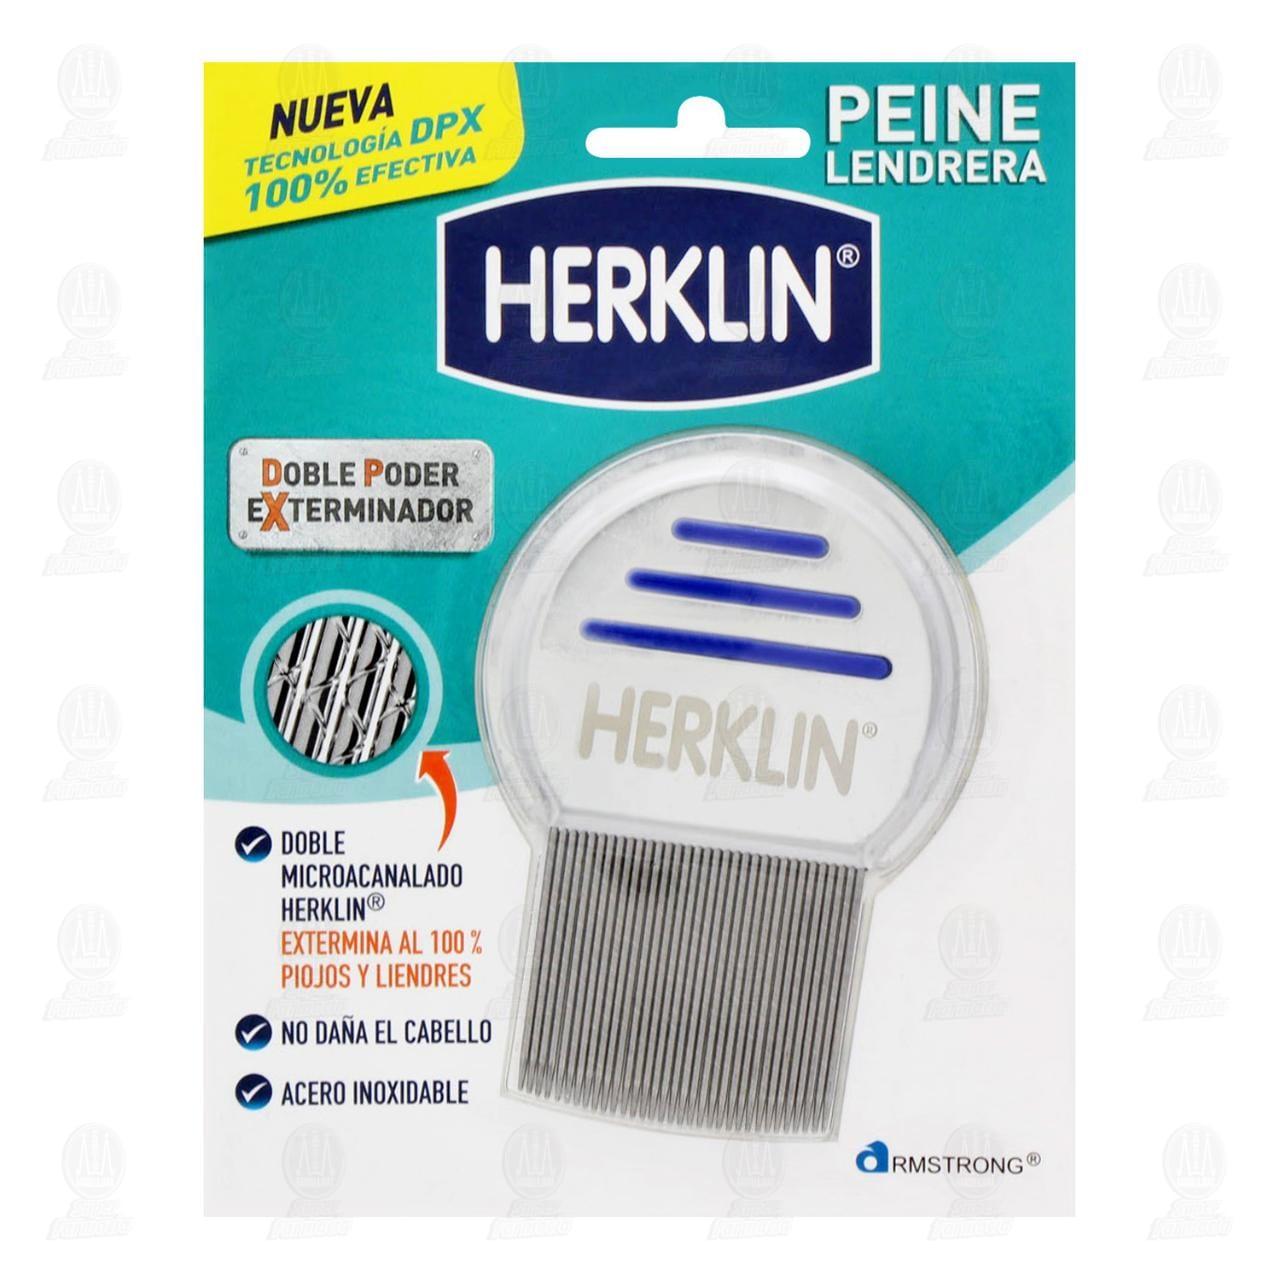 Comprar Herklin Peine Lendrera en Farmacias Guadalajara